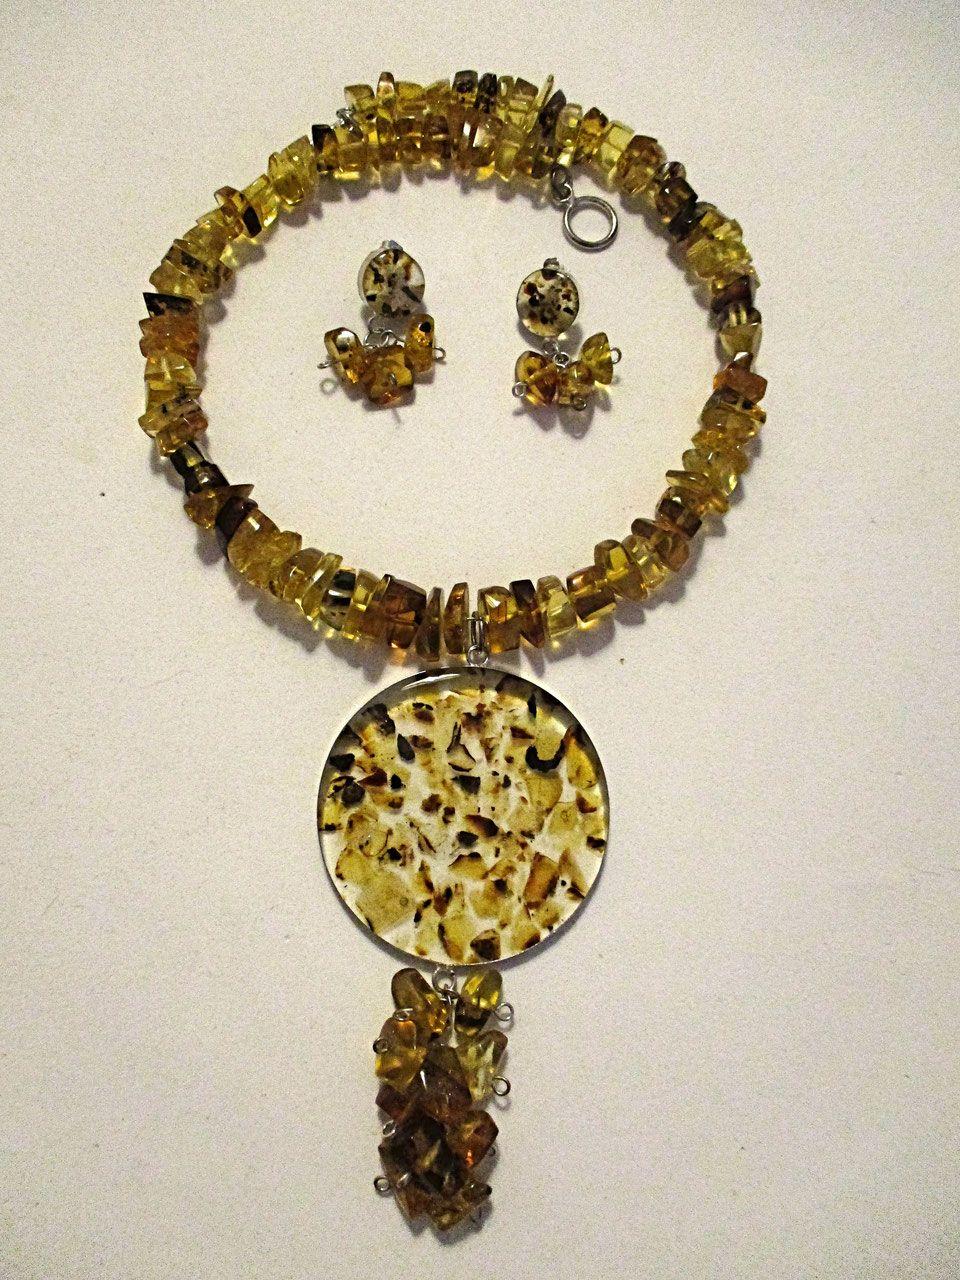 102bbf600e35 Venta de joyas de ambar importado de México. Aprovecha de los beneficios en  la salud